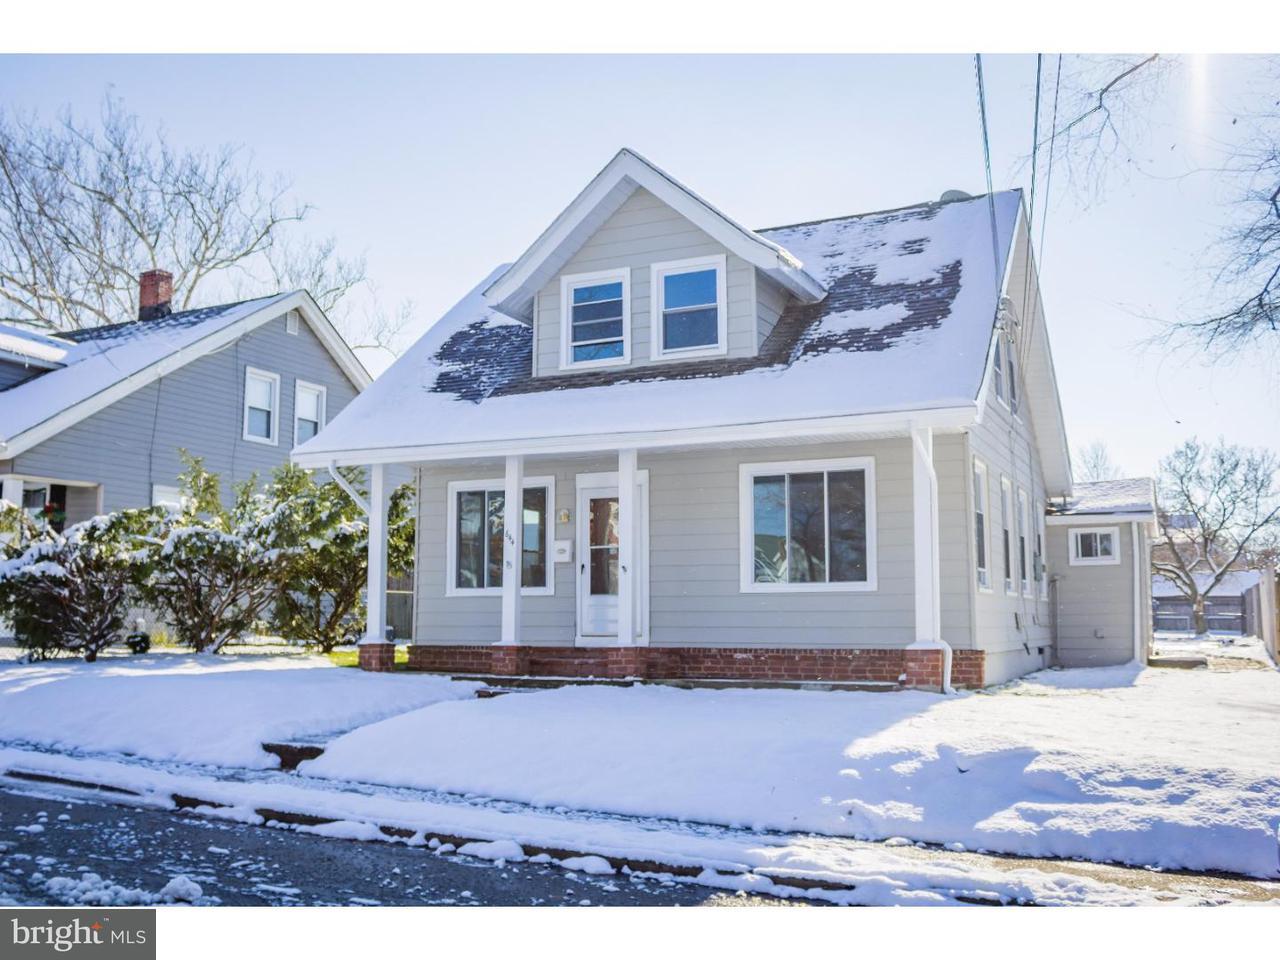 Maison unifamiliale pour l Vente à 644 WASHINGTON Street Gibbstown, New Jersey 08027 États-Unis